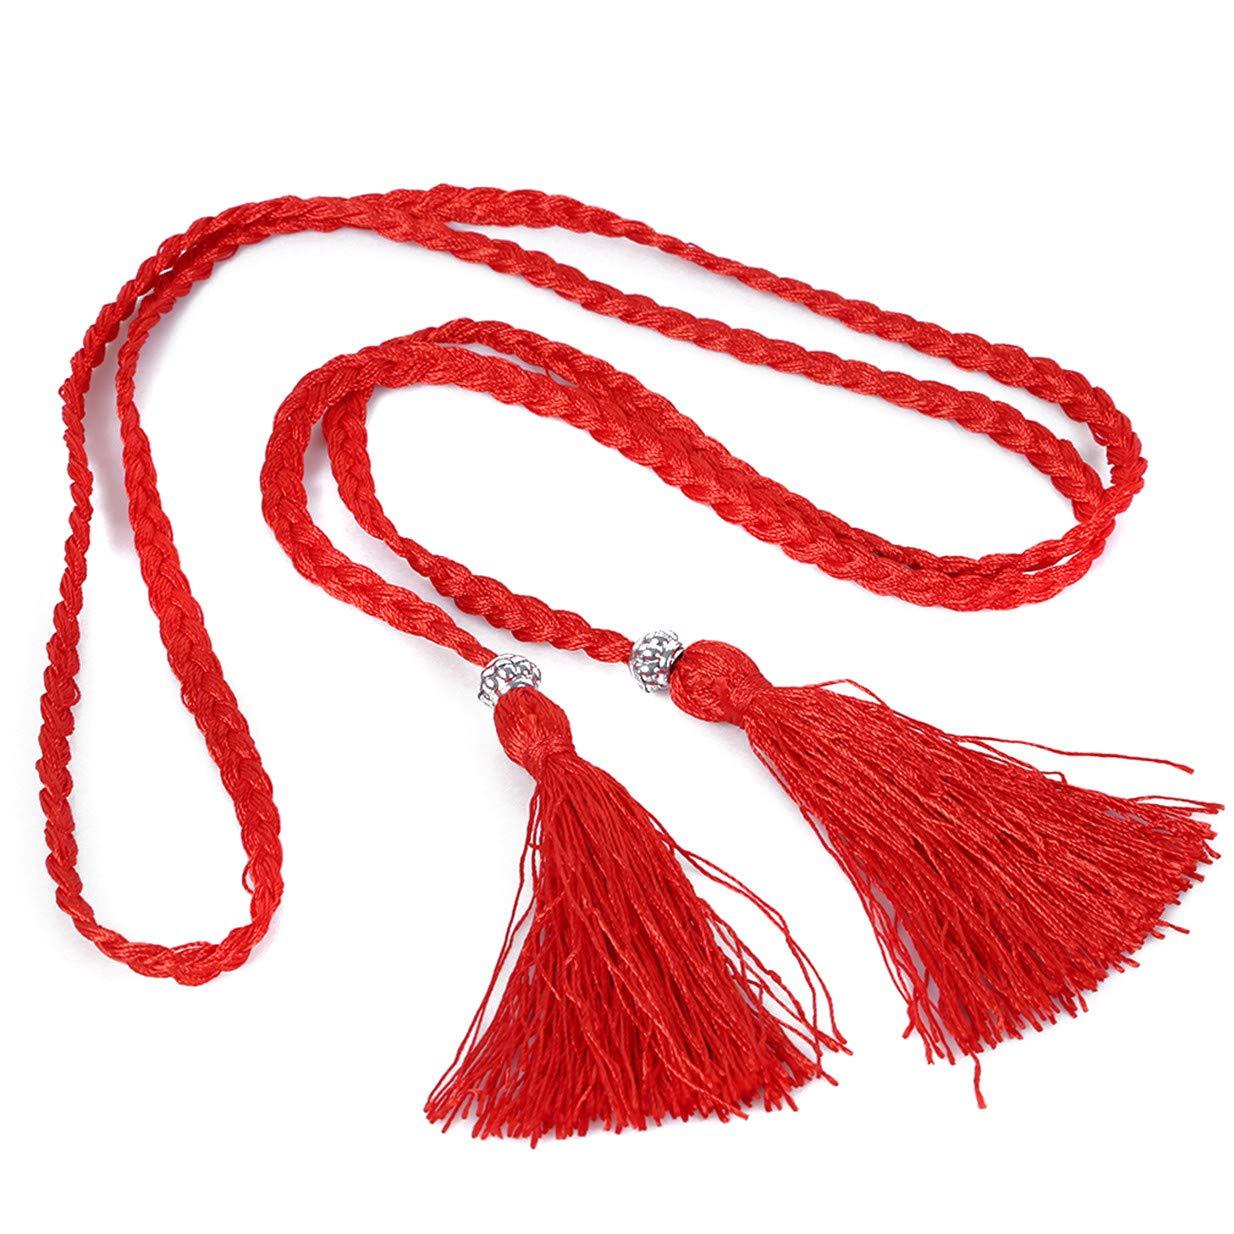 LALANG Women Folk-custom Tassel Braided Waist Rope Girl Clothing Belt